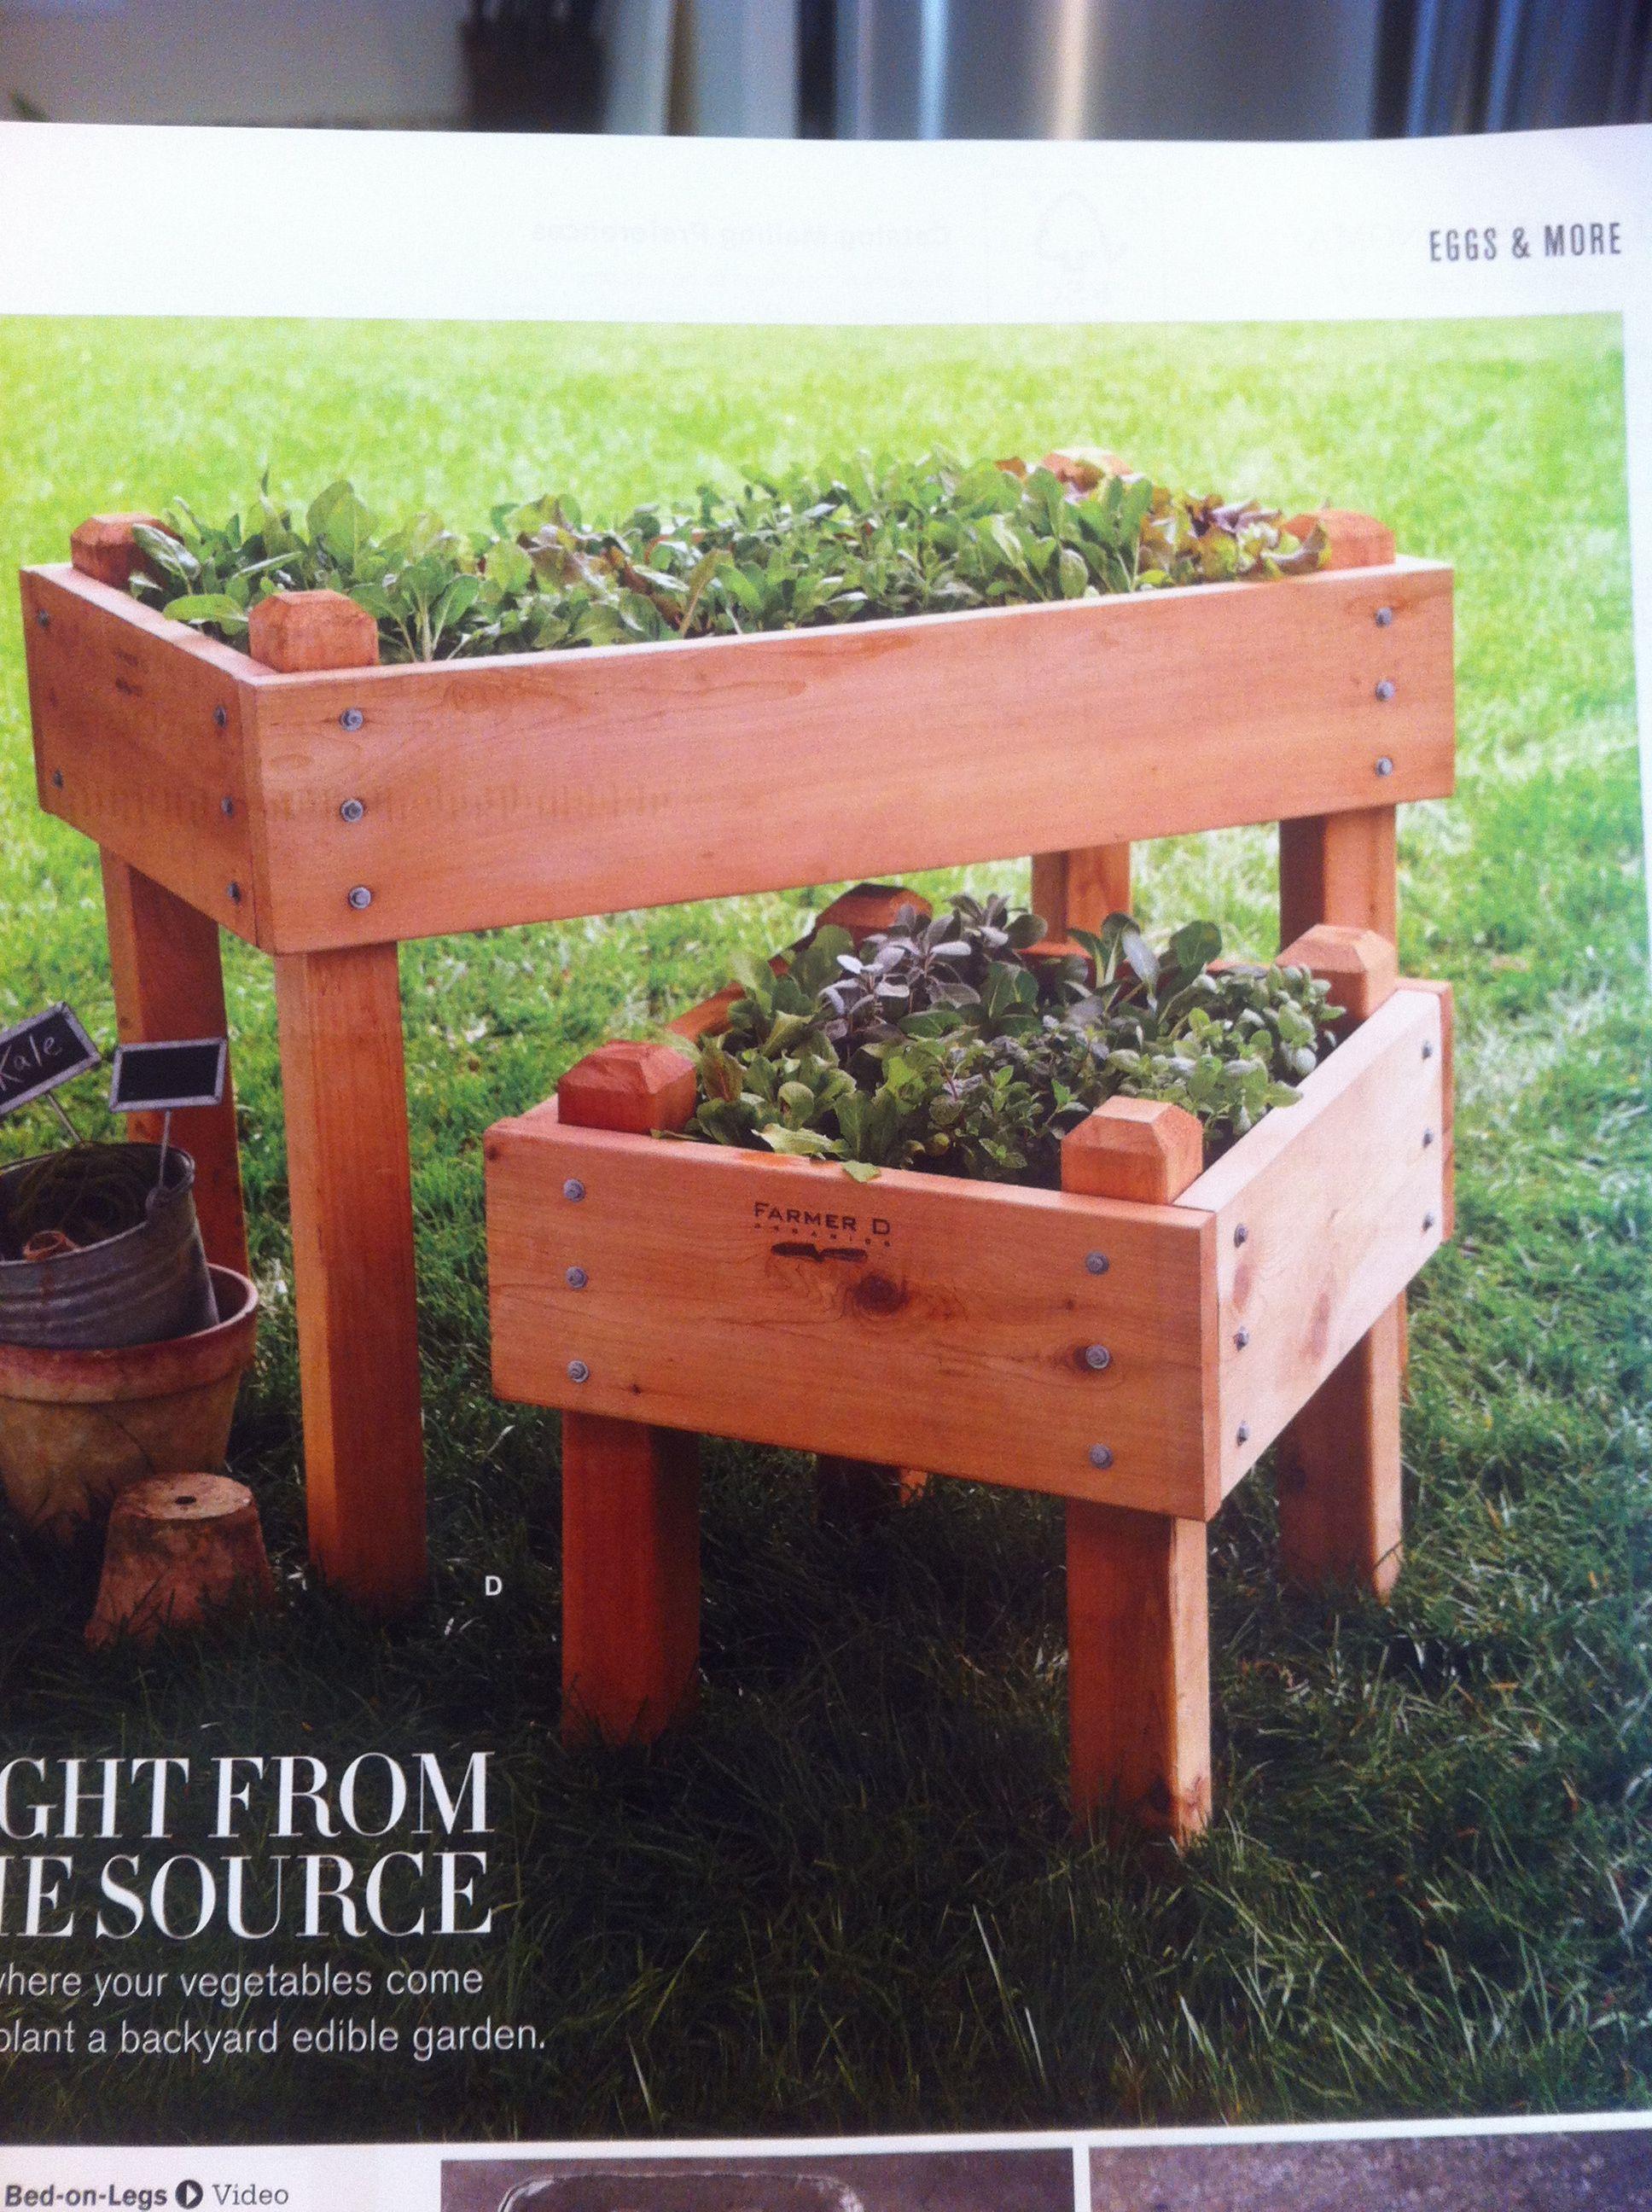 Cedar raised bedonlegs from edible